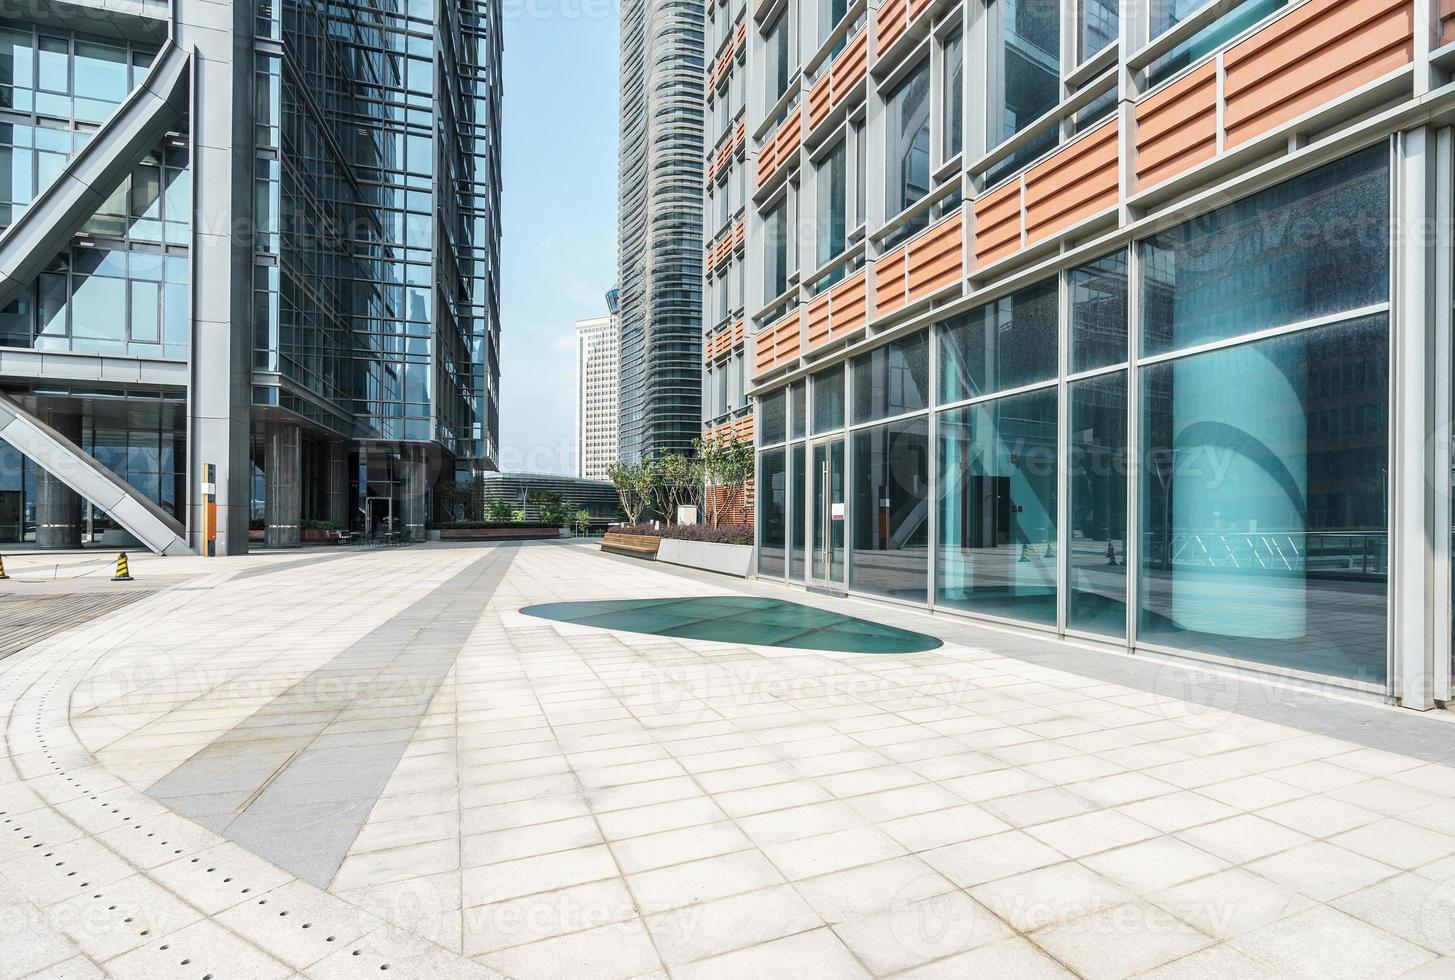 edifici moderni fronte terra vuota foto